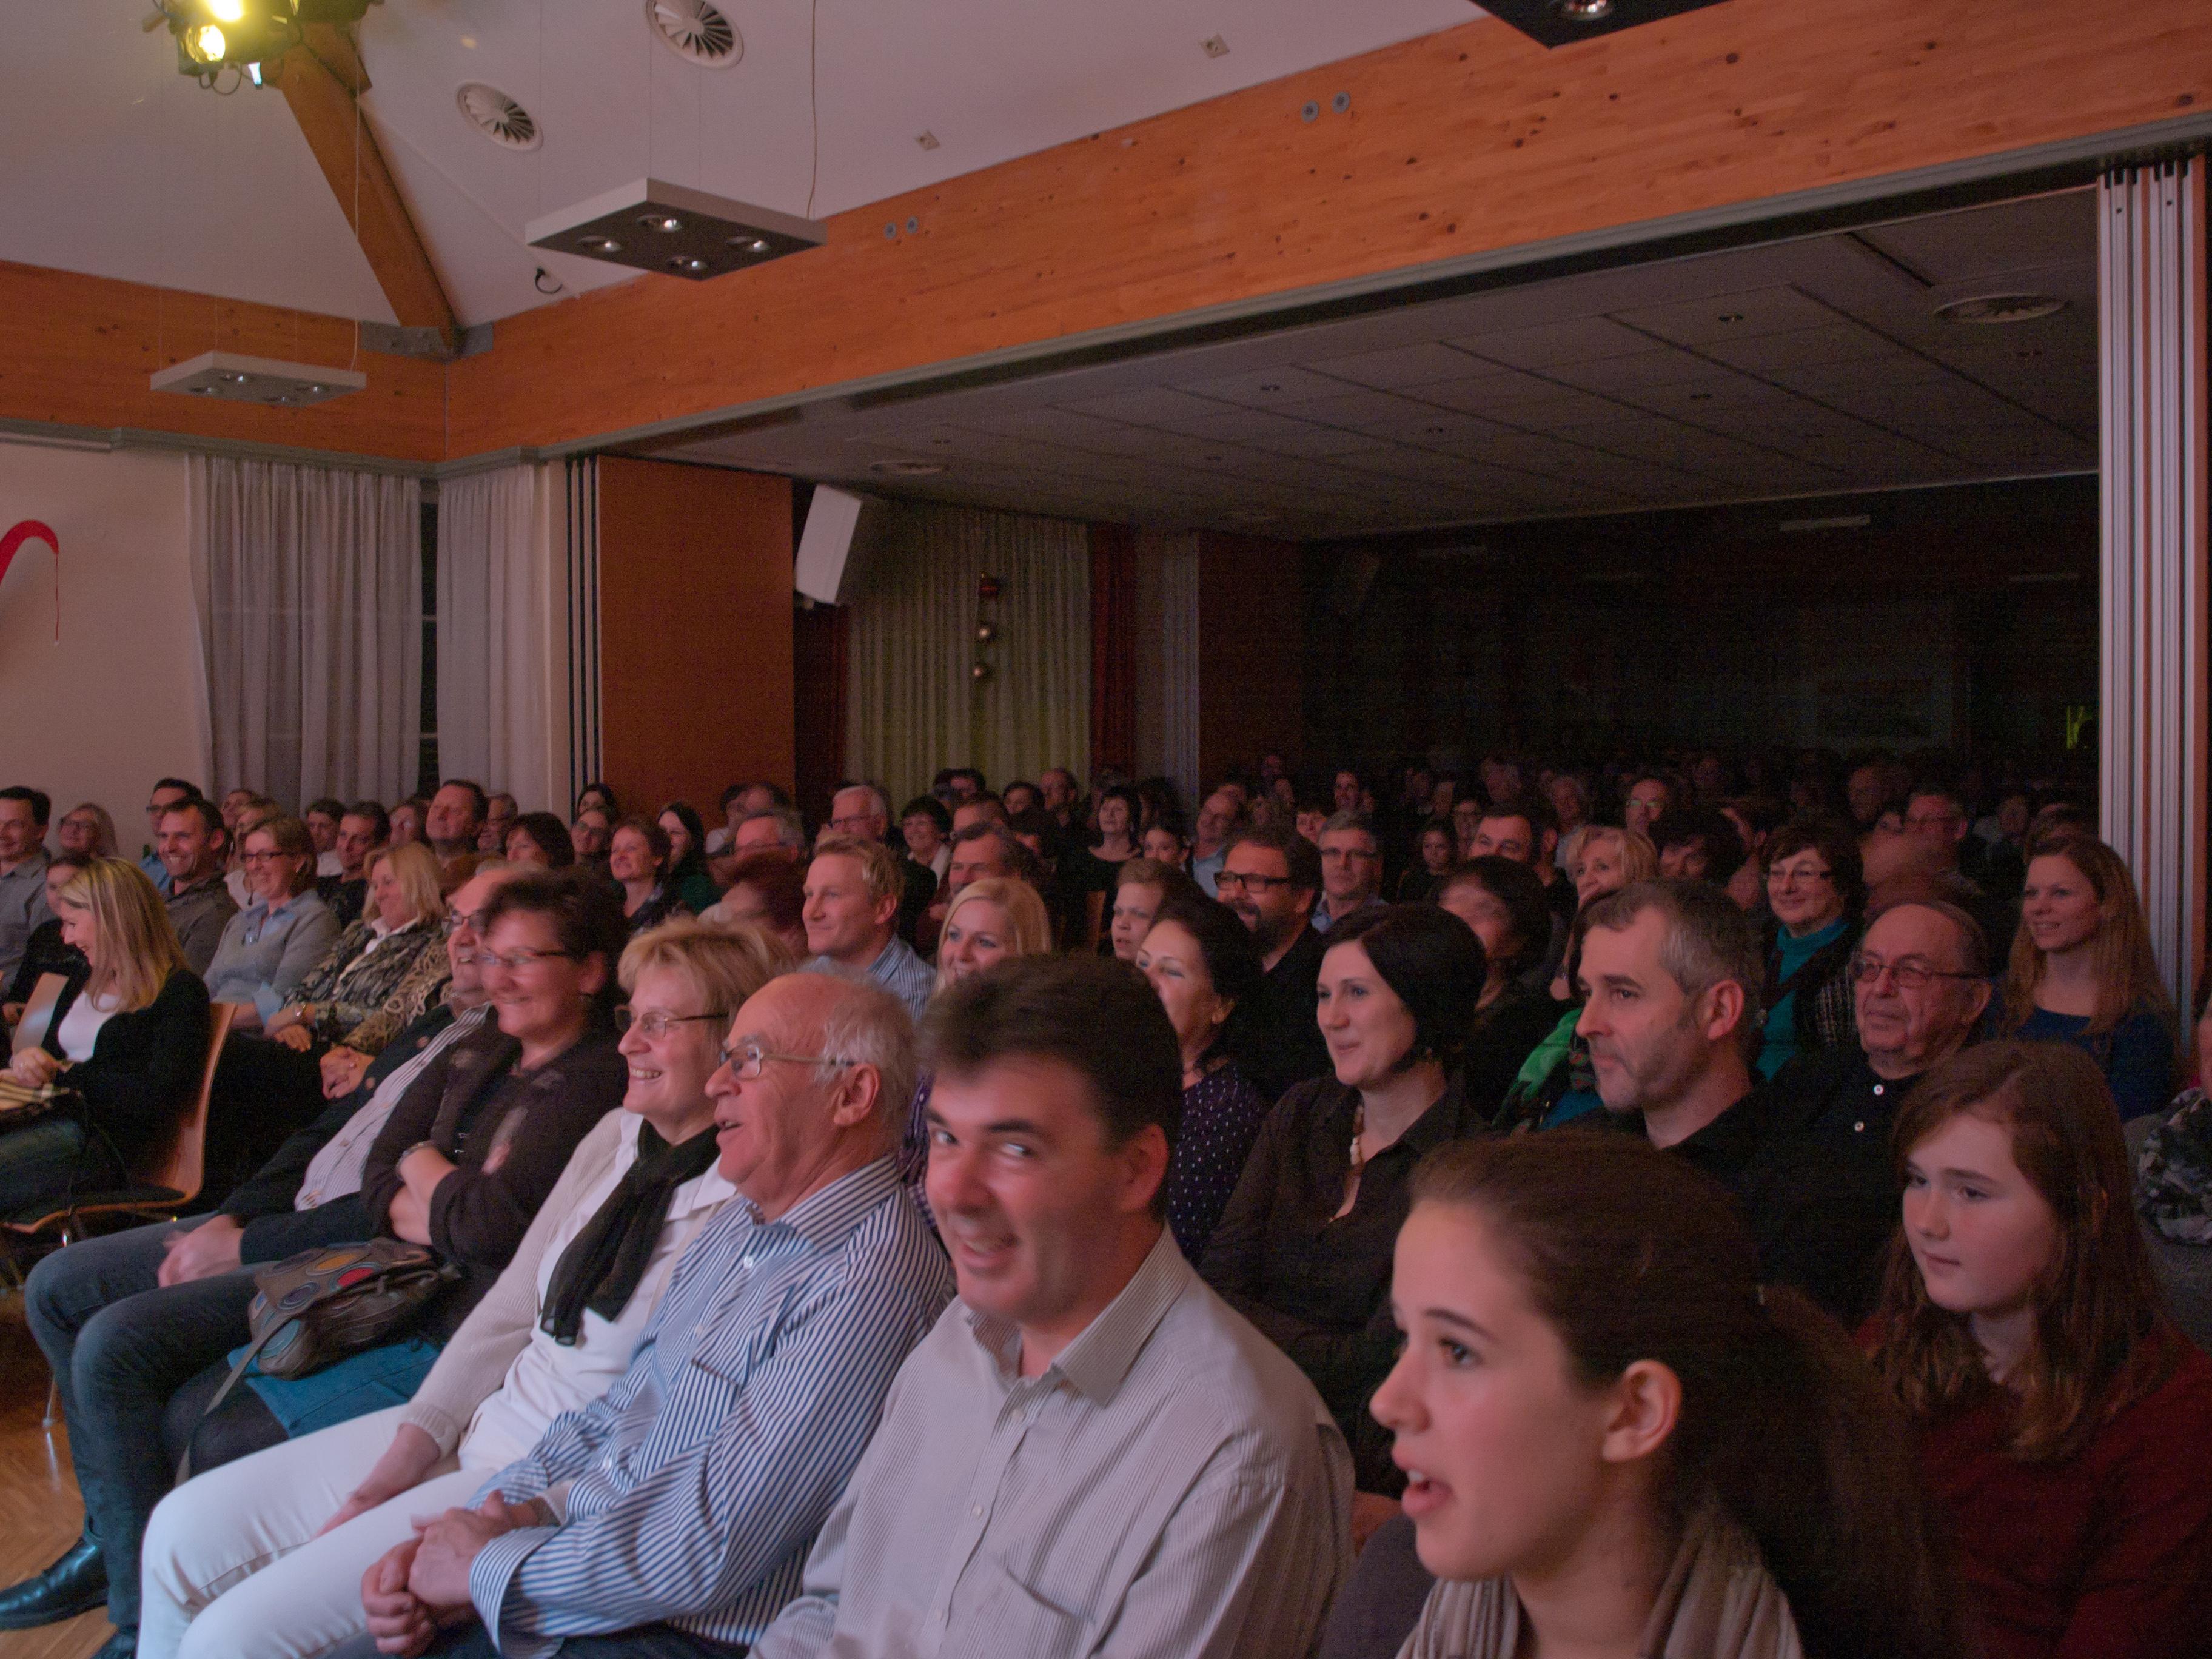 ein voller Saal mit lächelnden und glücklichen Besuchern in Adventstimmung